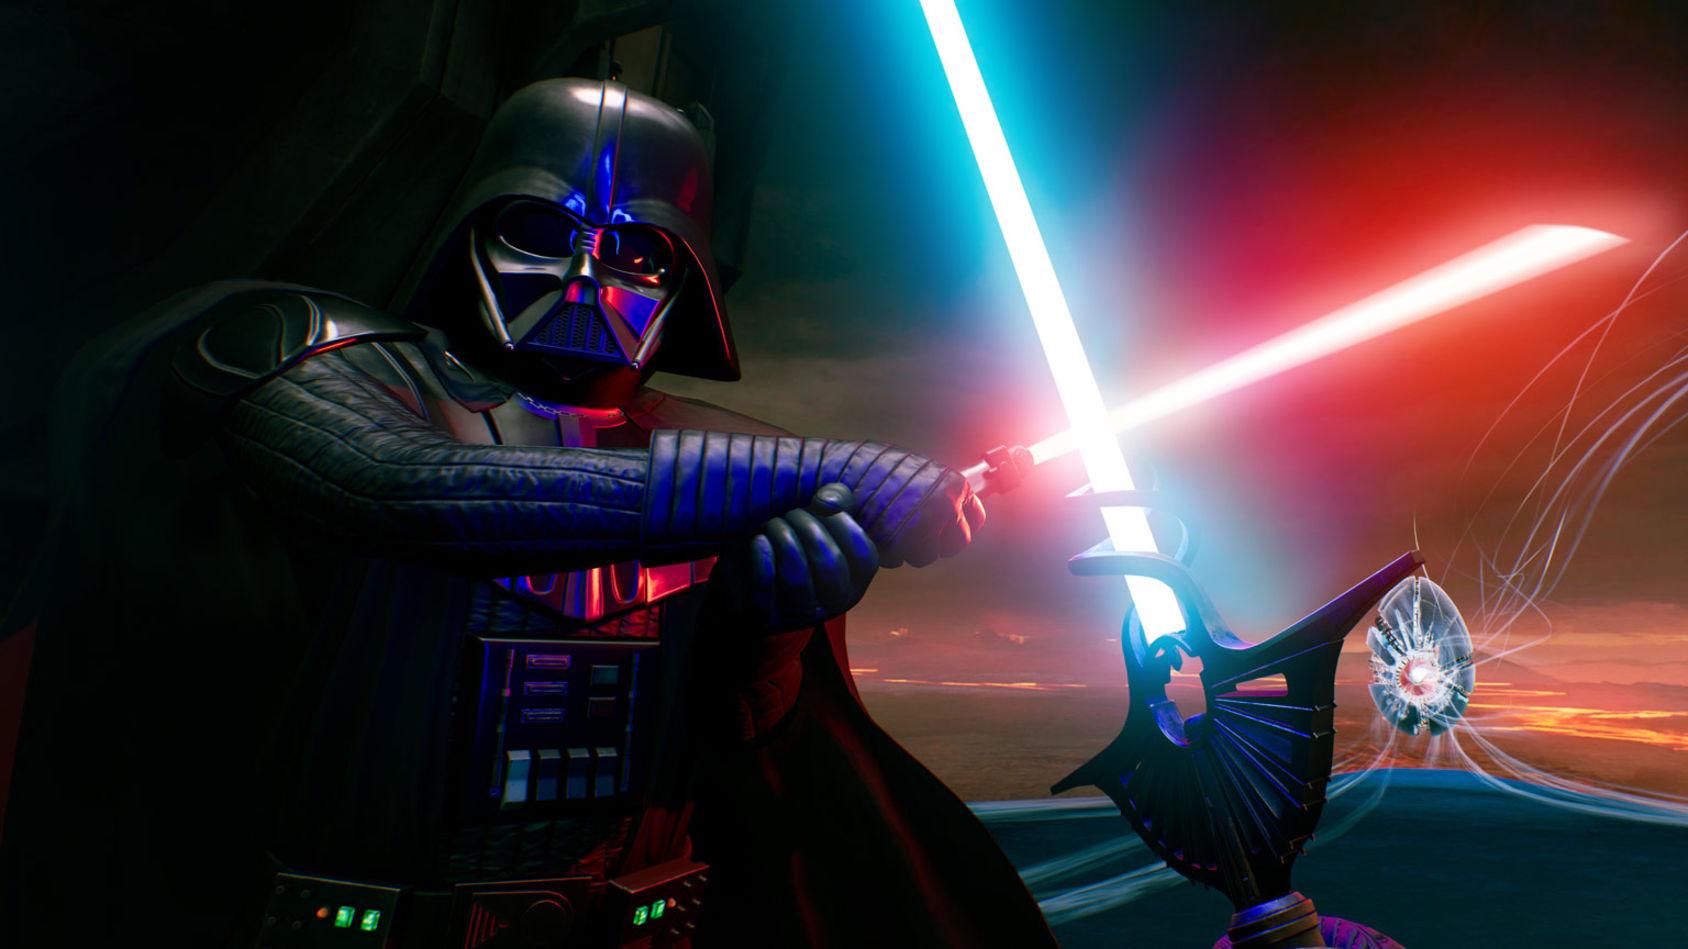 Tredje episoden av VR-spelet Vader Immortal släpps snart